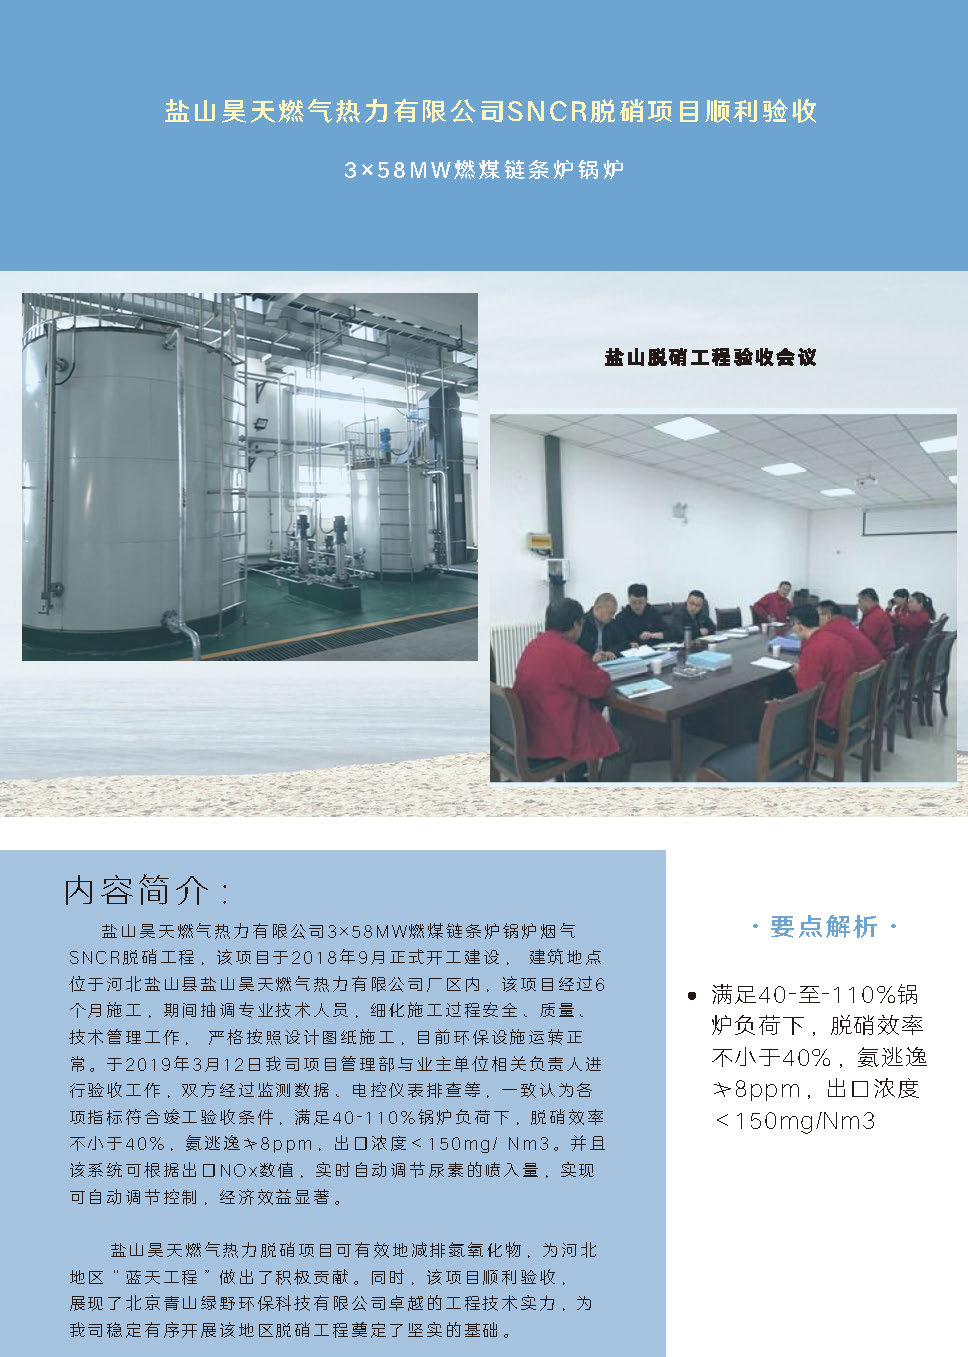 鹽山昊天燃氣熱力有限公司SNCR脫硝項目順利驗收